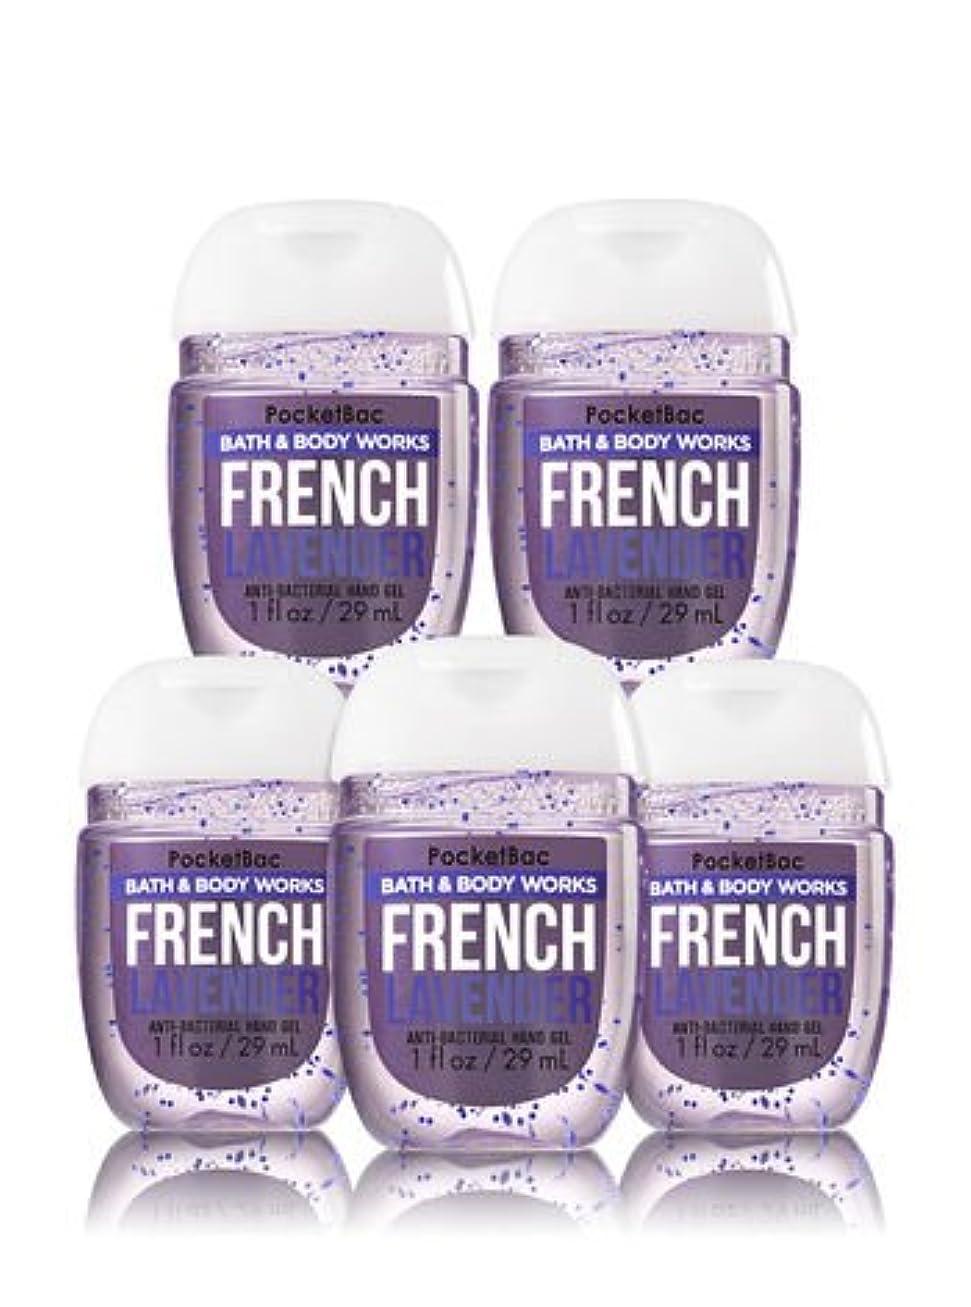 一目稼ぐ論理【Bath&Body Works/バス&ボディワークス】 抗菌ハンドジェル 5個セット フレンチラベンダー French Lavender PocketBac Hand Sanitizer Bundle (5-pack) [並行輸入品]